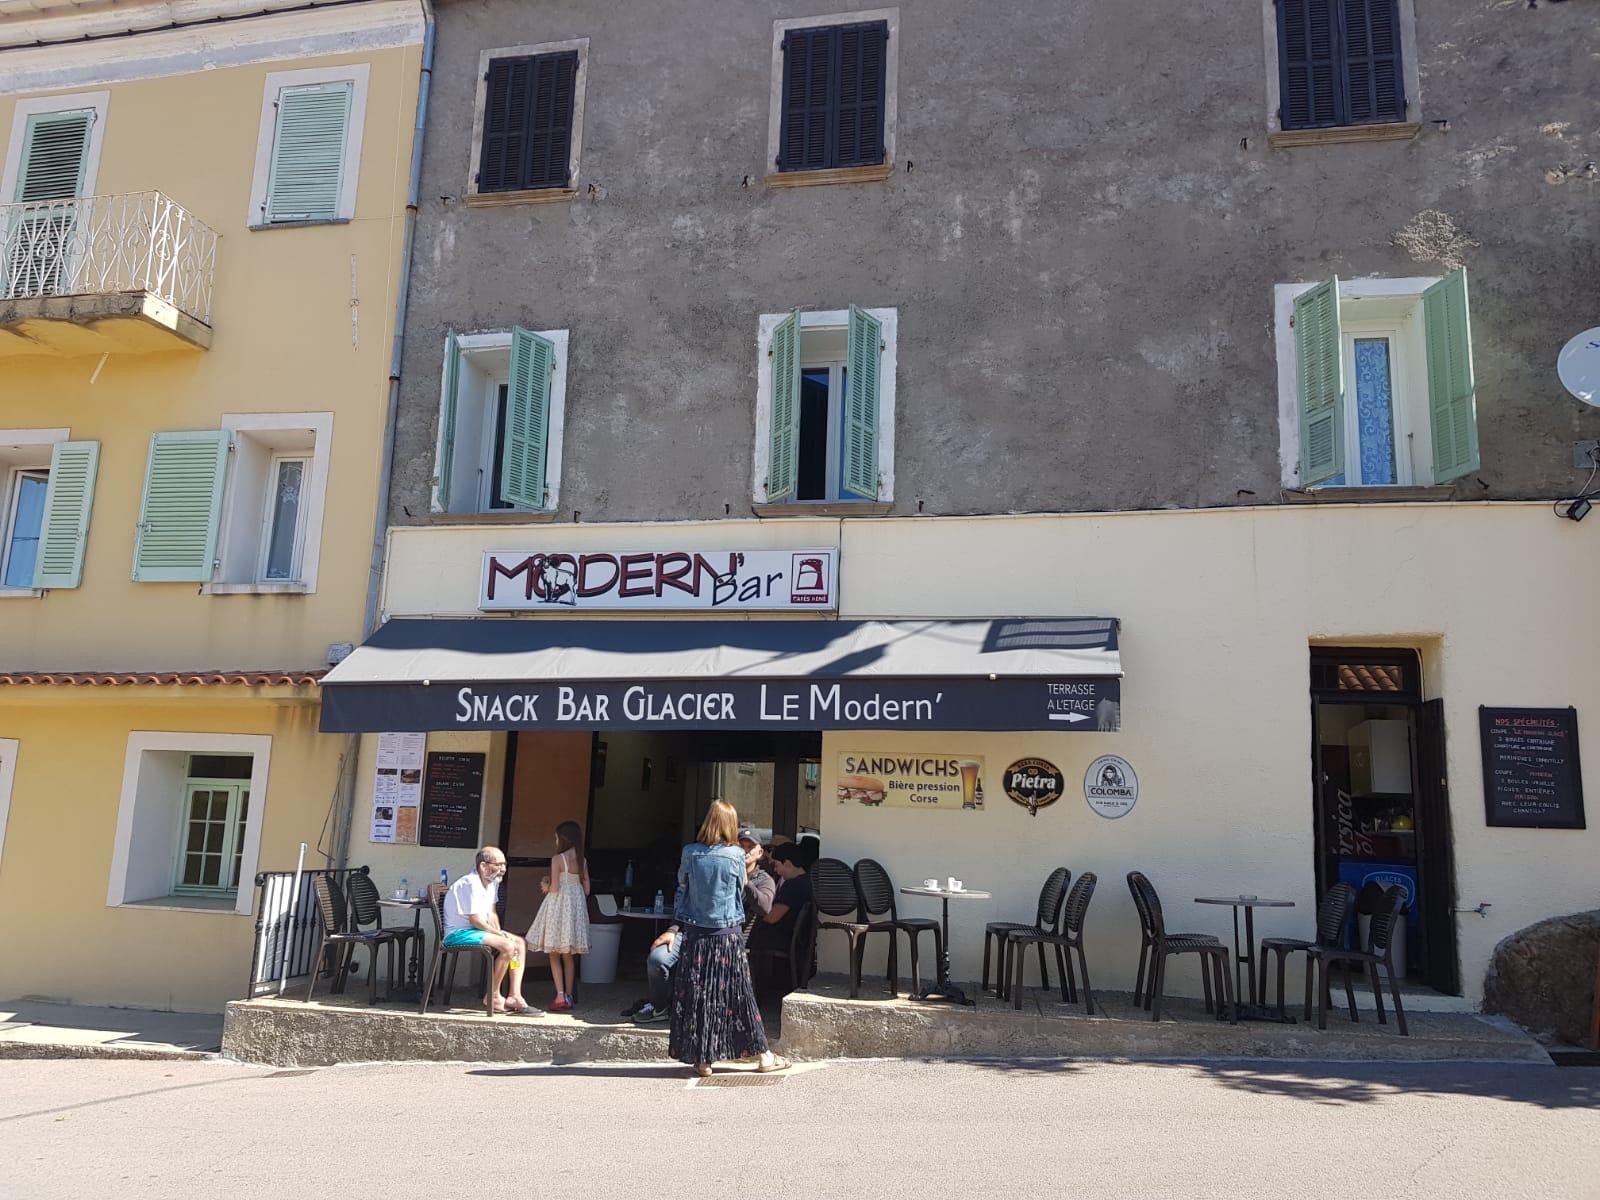 Mitraillage d'un café à Evisa, le Cullettivu Maffia No', a Vita Iè apporte son soutien aux victimes.